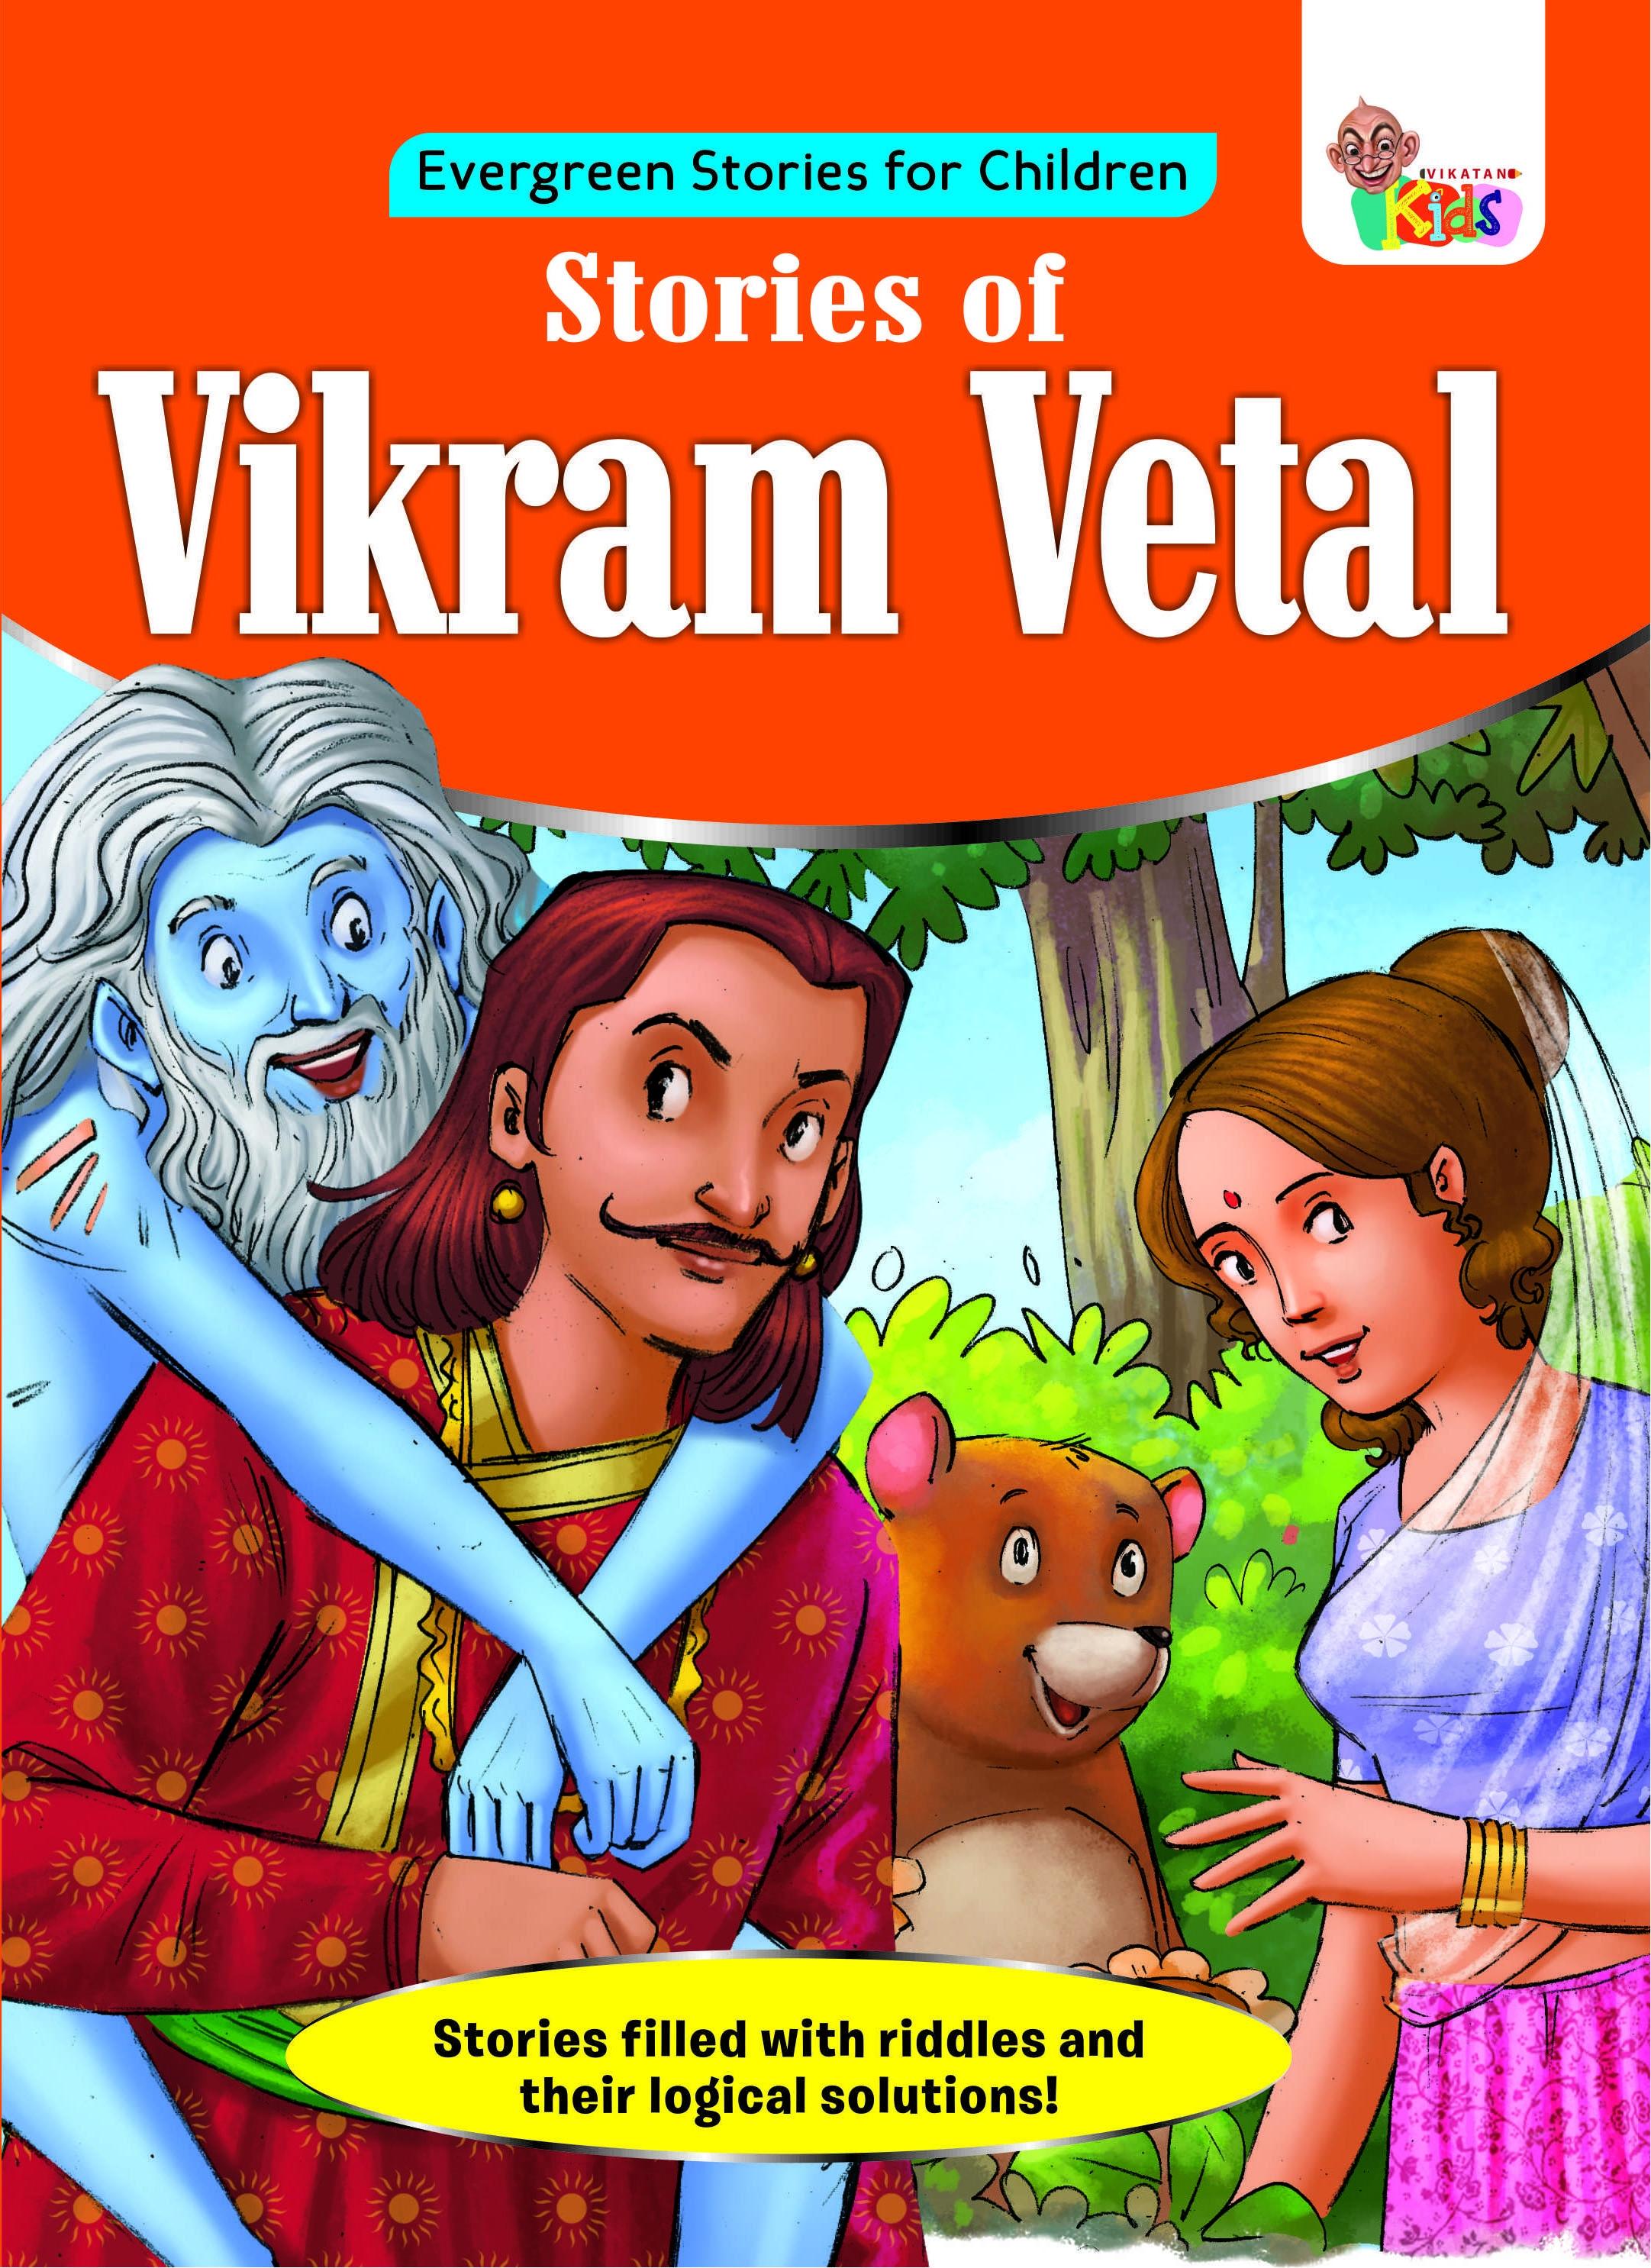 Stories of Vikram Vetal